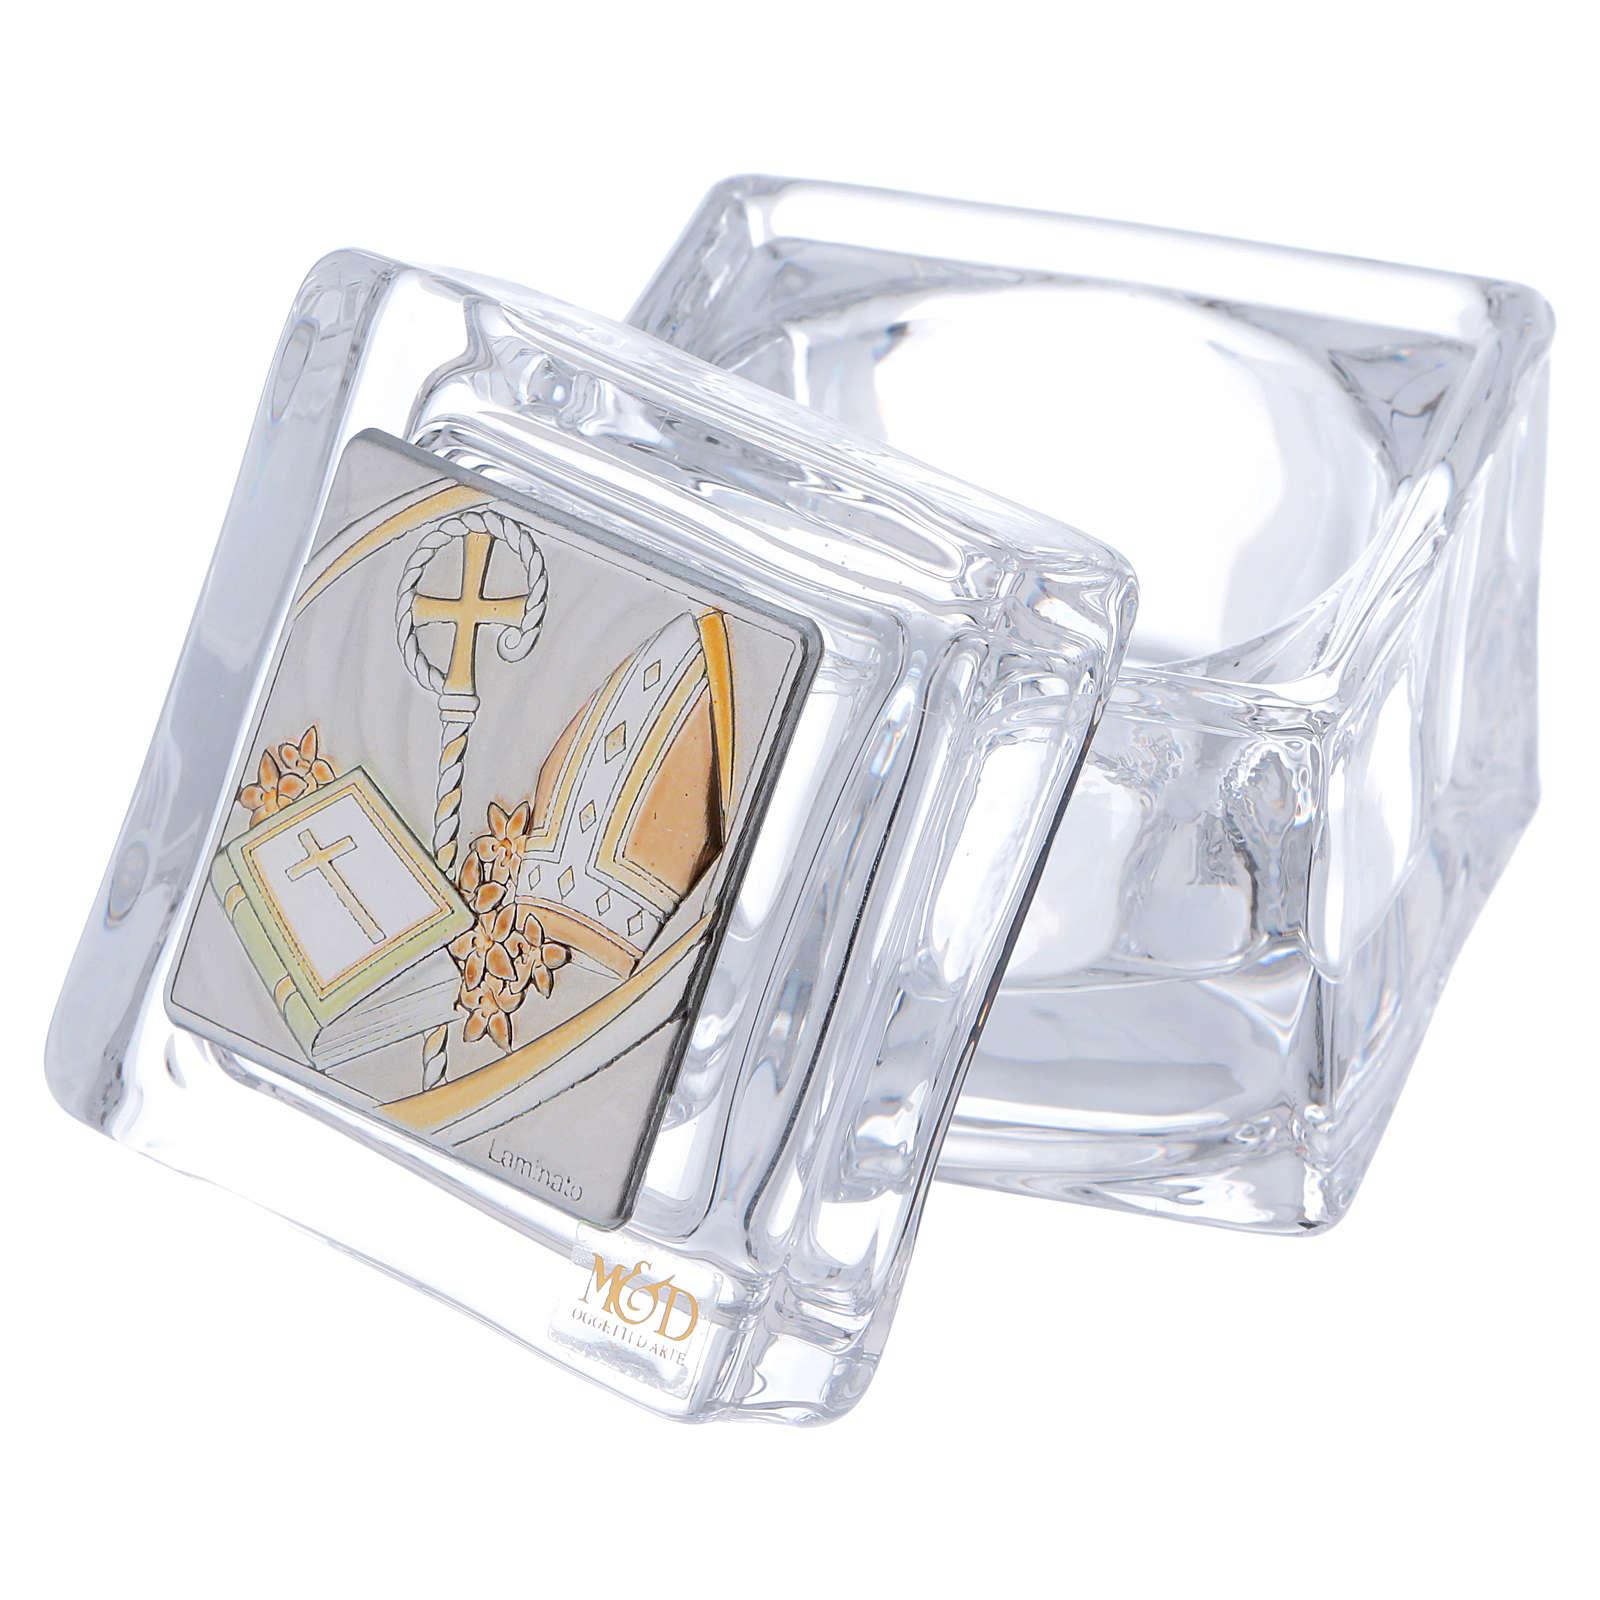 Bonbonnière religieuse pour Confirmation boîte 5x5x5 cm 3